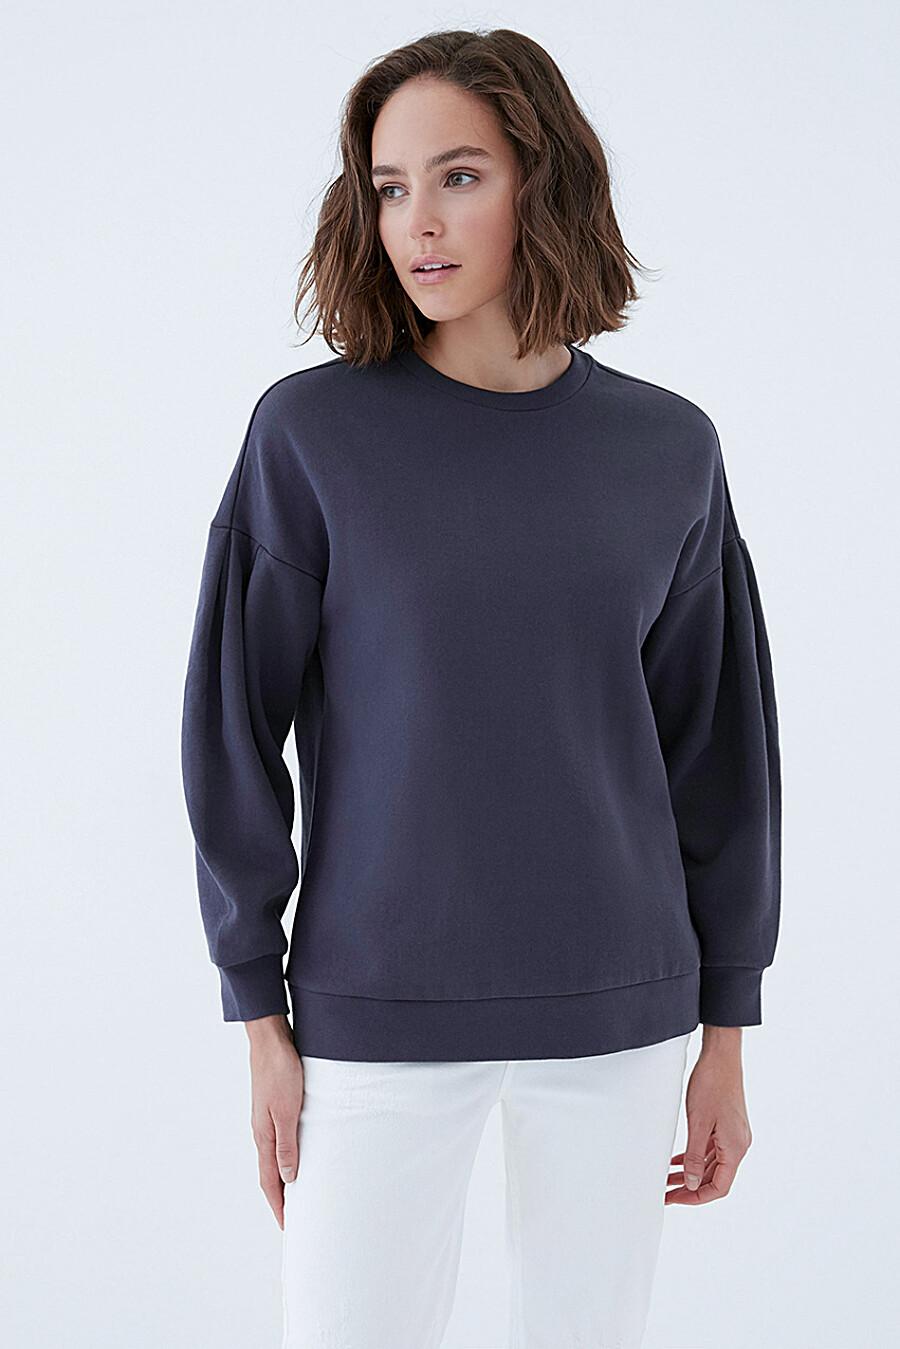 Джемпер для женщин ZARINA 261177 купить оптом от производителя. Совместная покупка женской одежды в OptMoyo